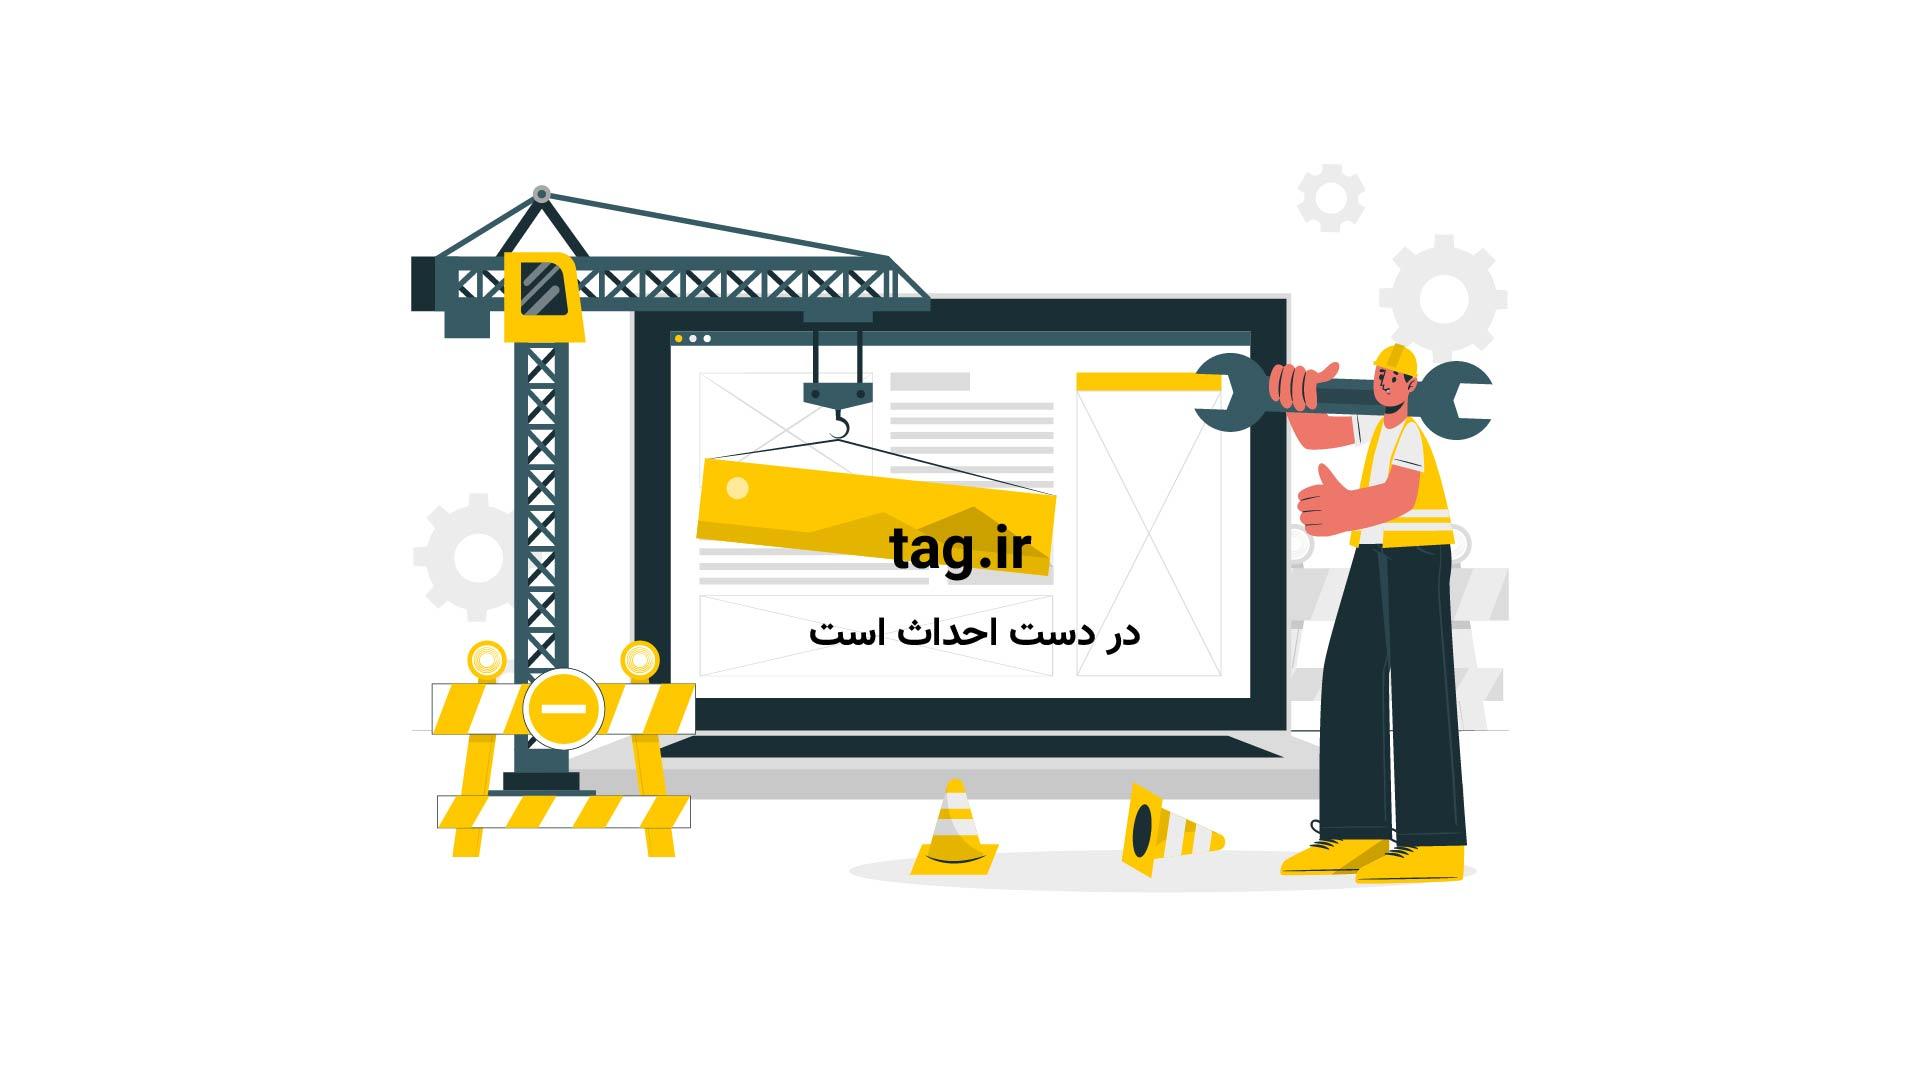 تلاش چیتا برای شکار گوساله؛ گاومیش مادر به دادش رسید|تگ